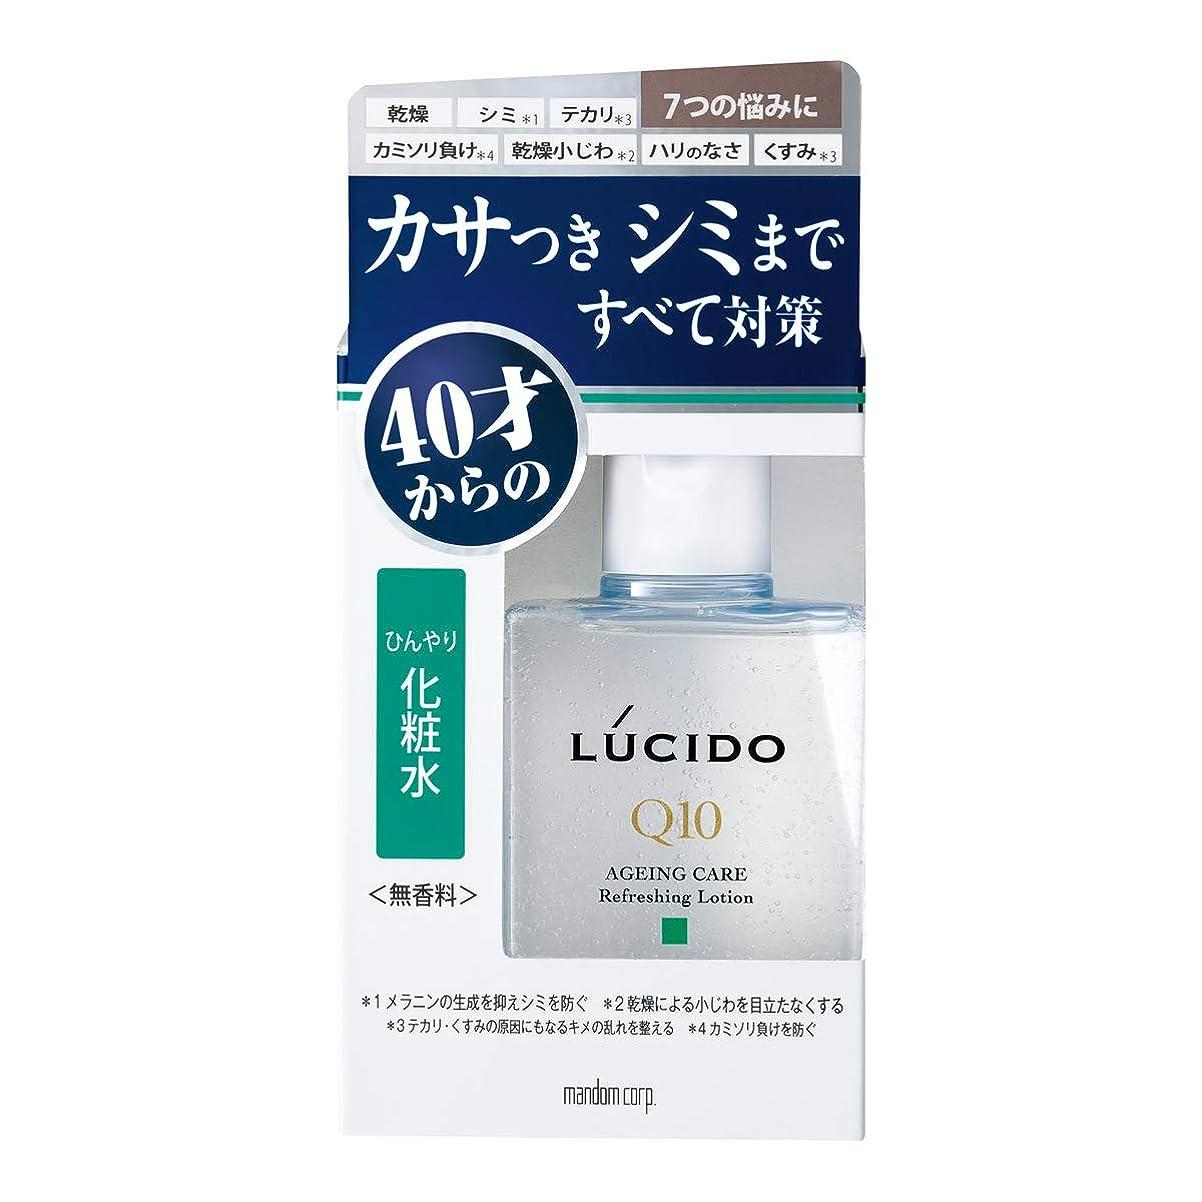 アナウンサー俳優高潔なルシード(LUCIDO)薬用 トータルケアひんやり化粧水 メンズ スキンケア さっぱり 110ml(医薬部外品)